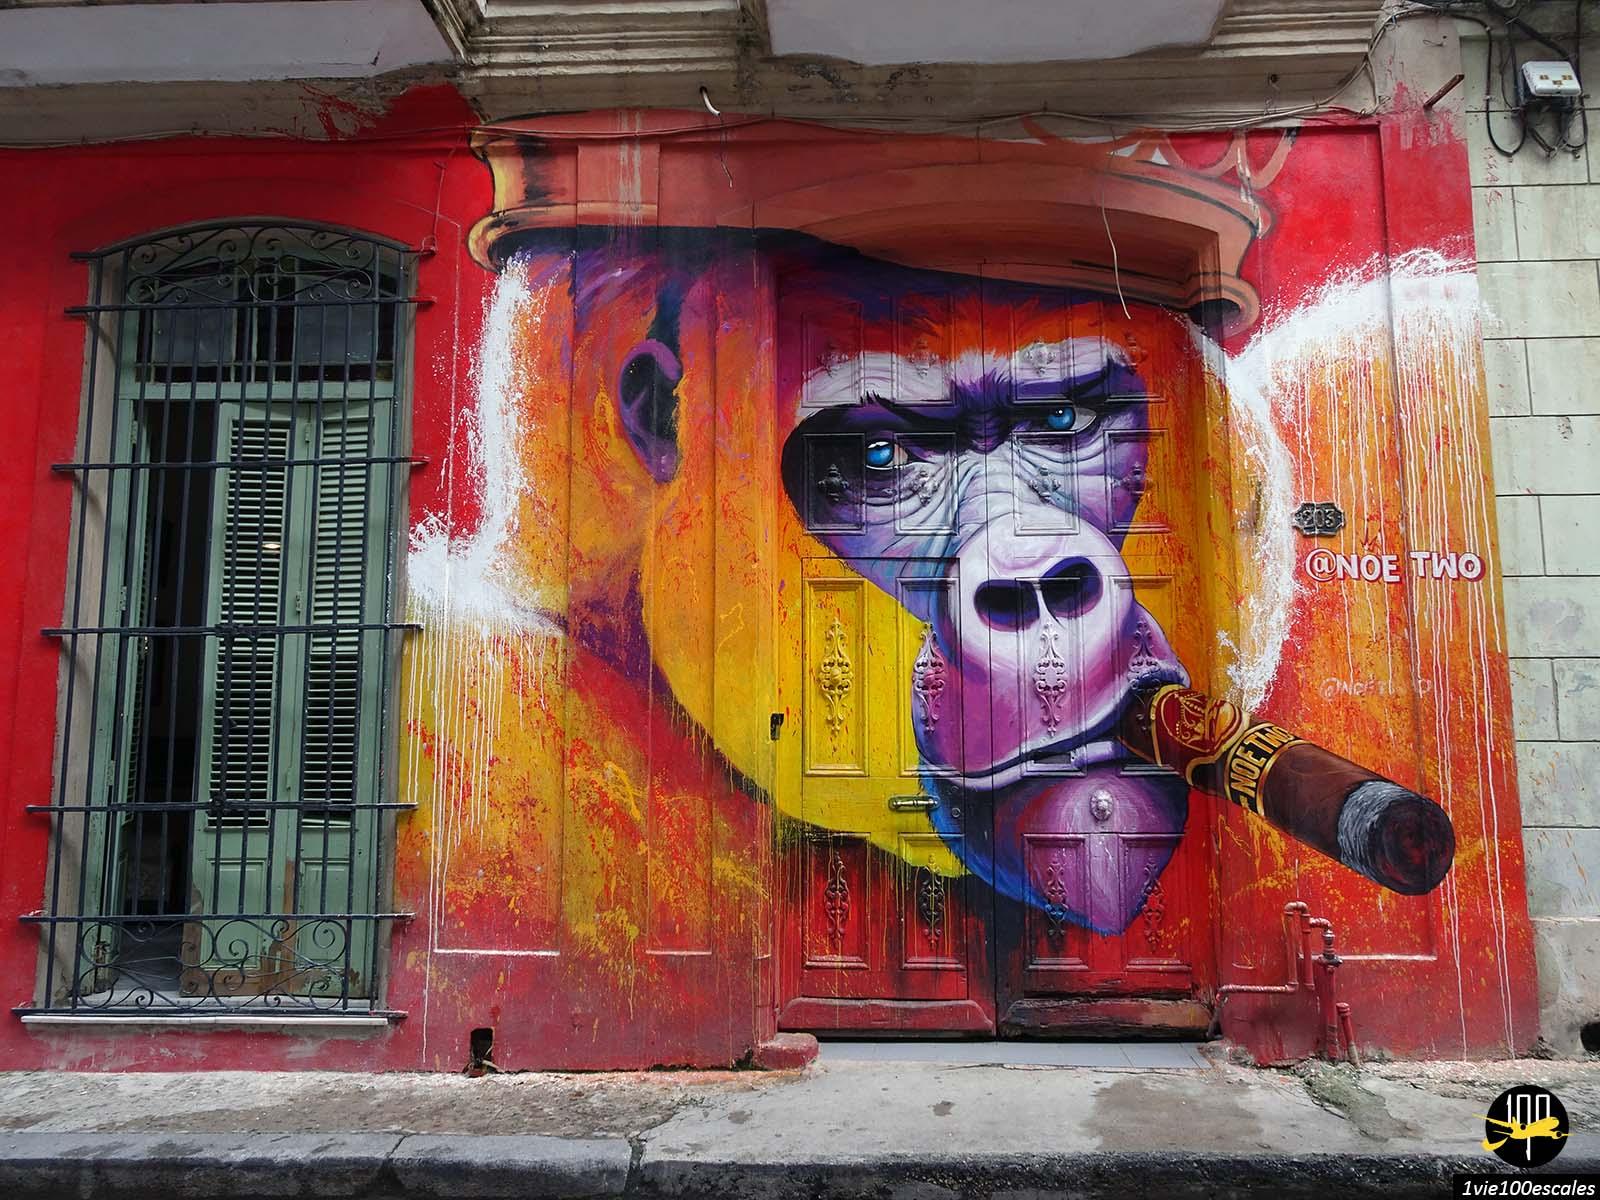 Le street art dans la vieille ville de La Havane à Cuba